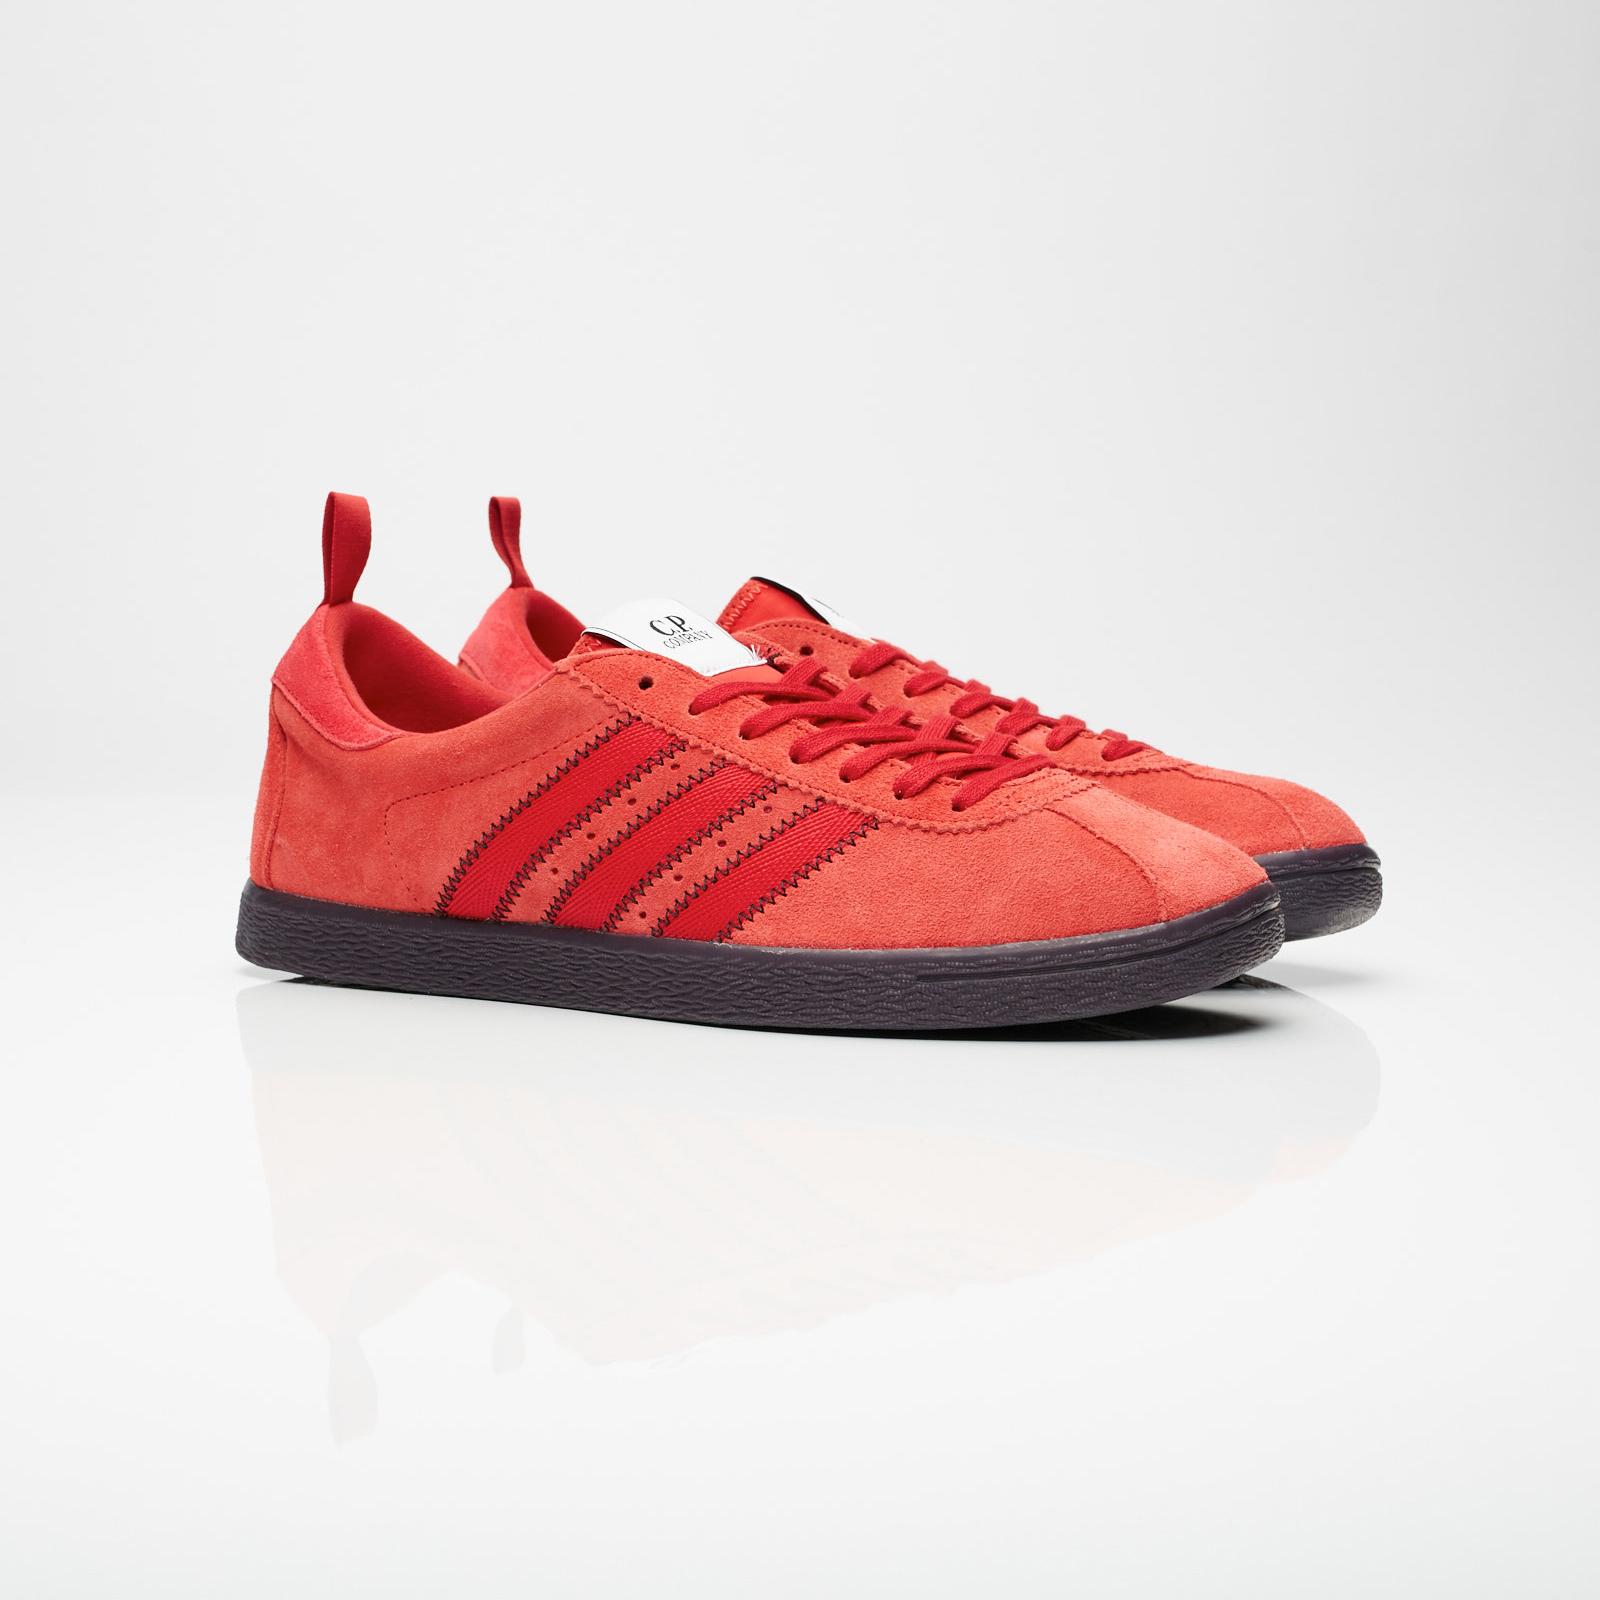 30424704ea10 adidas Tobacco x C.P. Company - Bd7959 - Sneakersnstuff